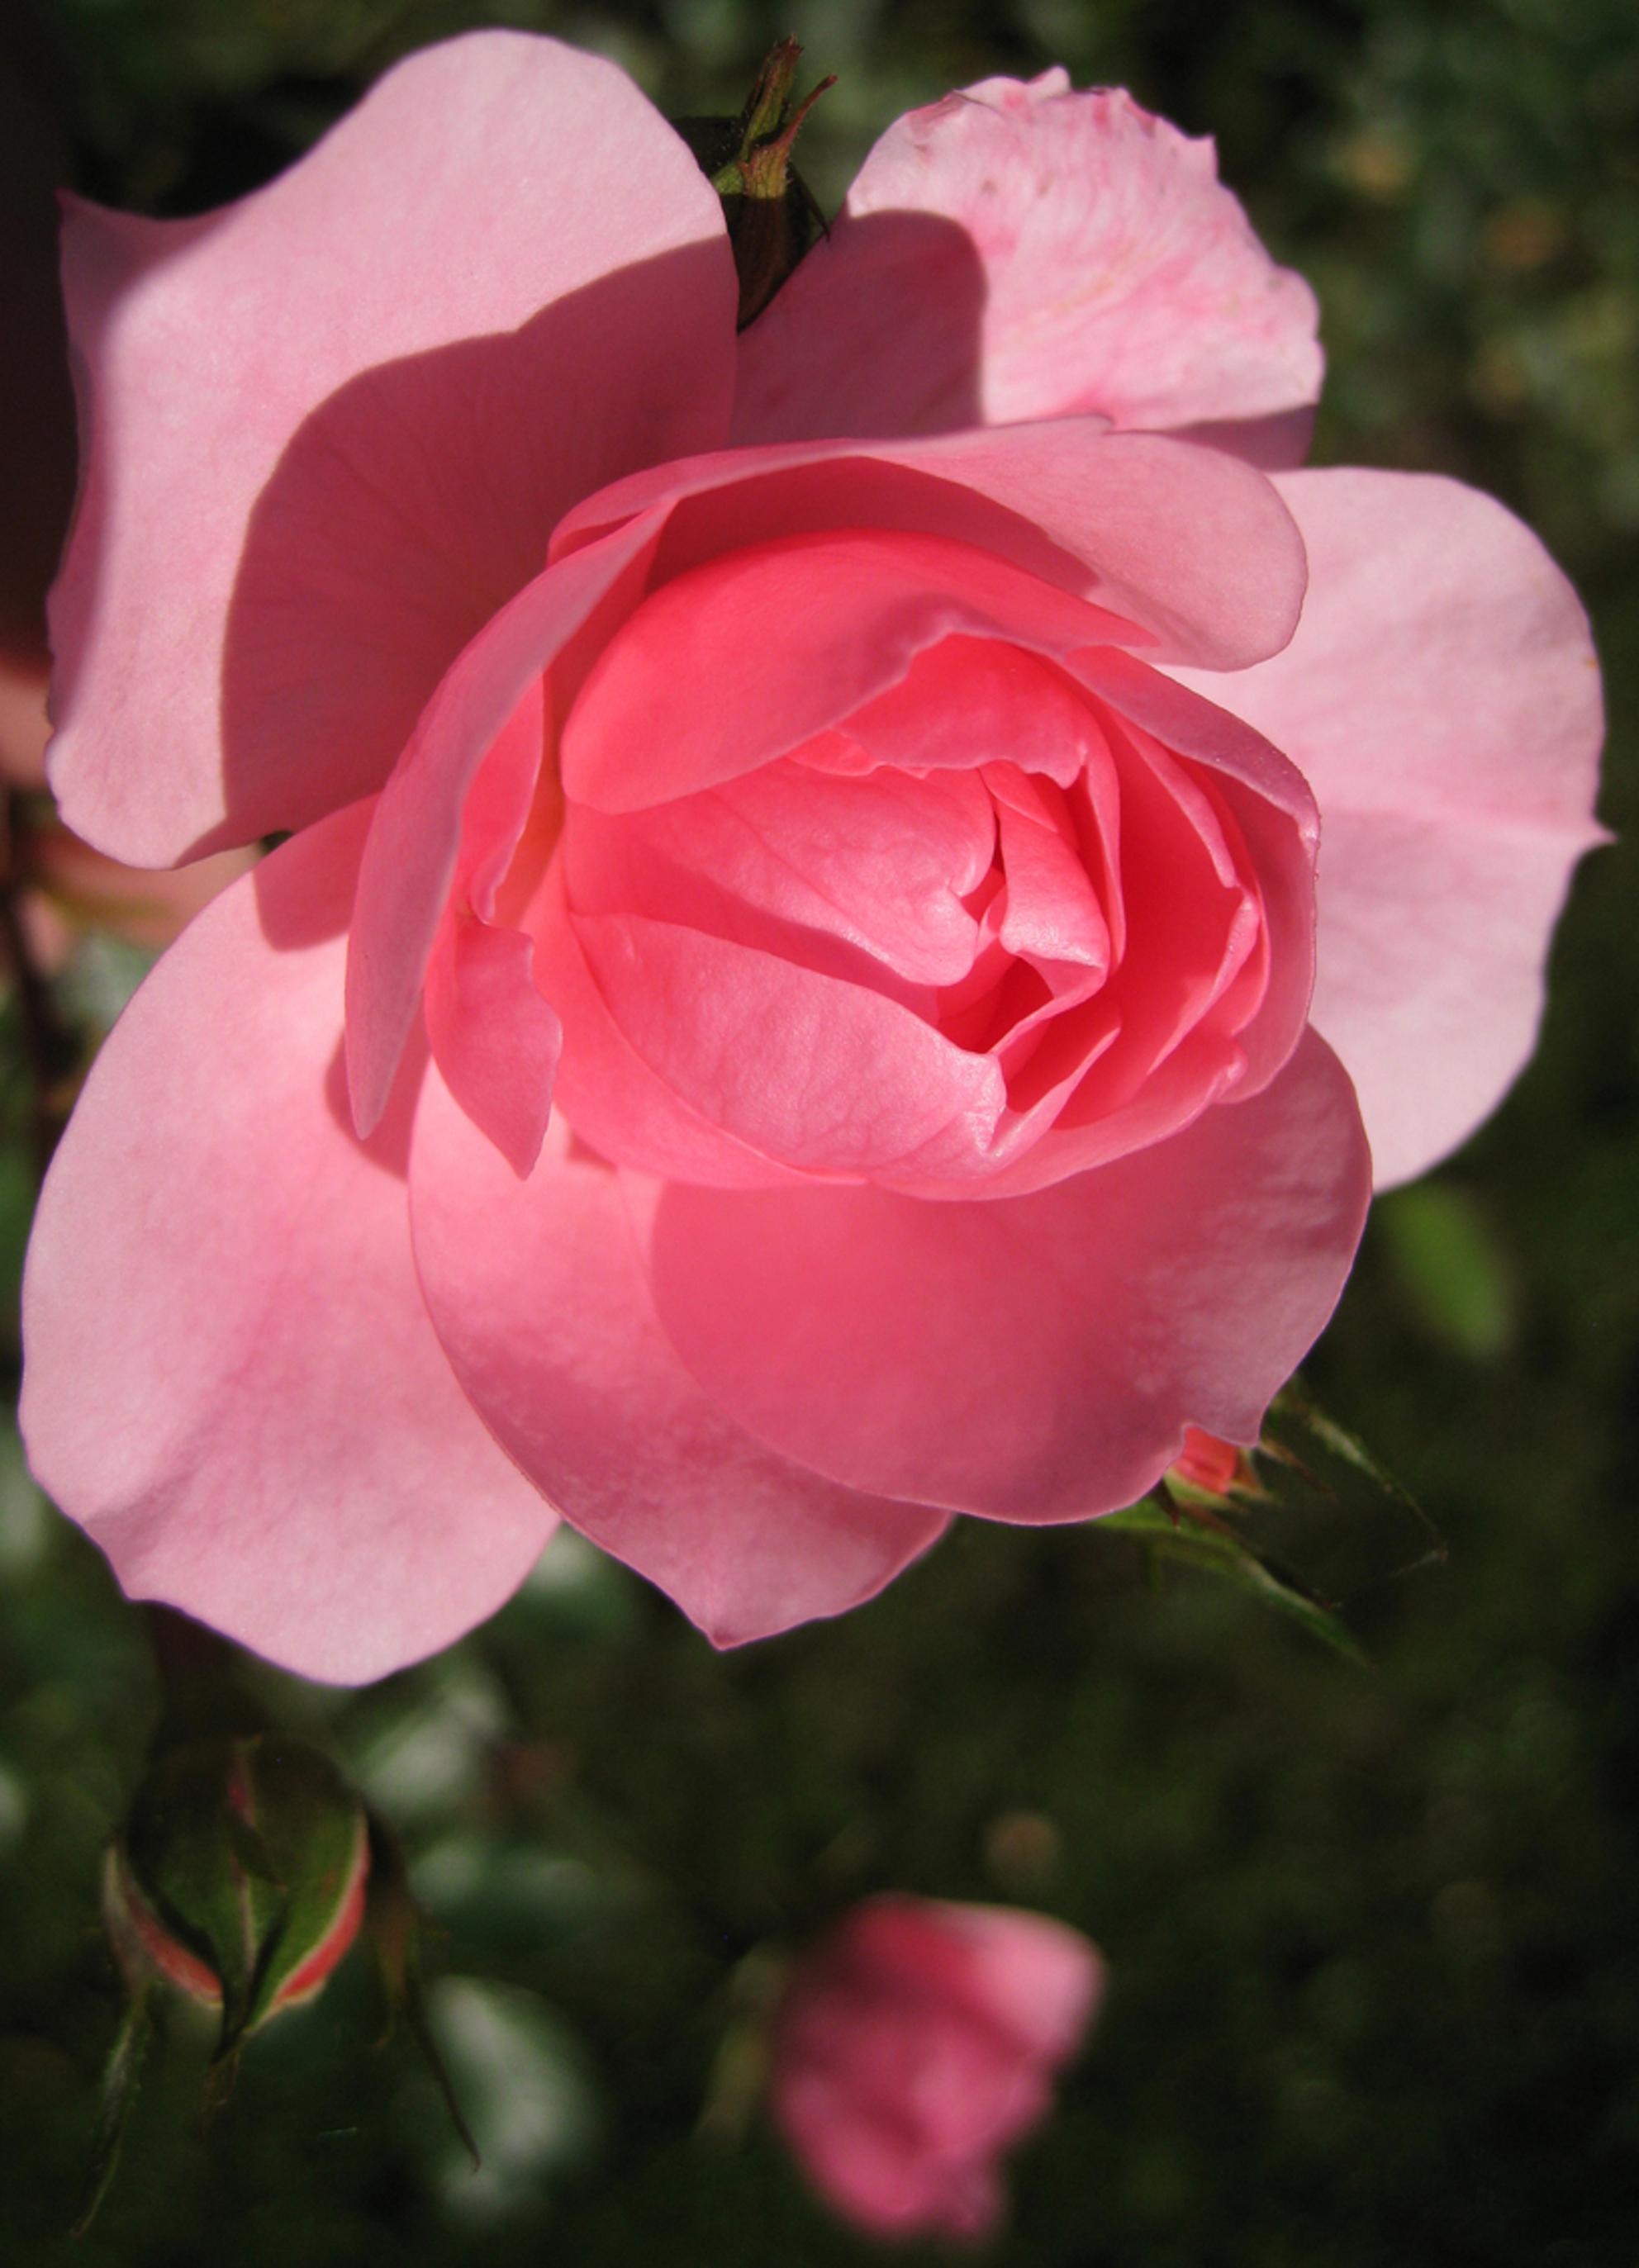 Rose - In Barchem deze roos gefotografeerd met de macrofunctie van de compact. - foto door martijn-eilander op 18-12-2011 - deze foto bevat: roze, macro, bloem, roos, rose - Deze foto mag gebruikt worden in een Zoom.nl publicatie